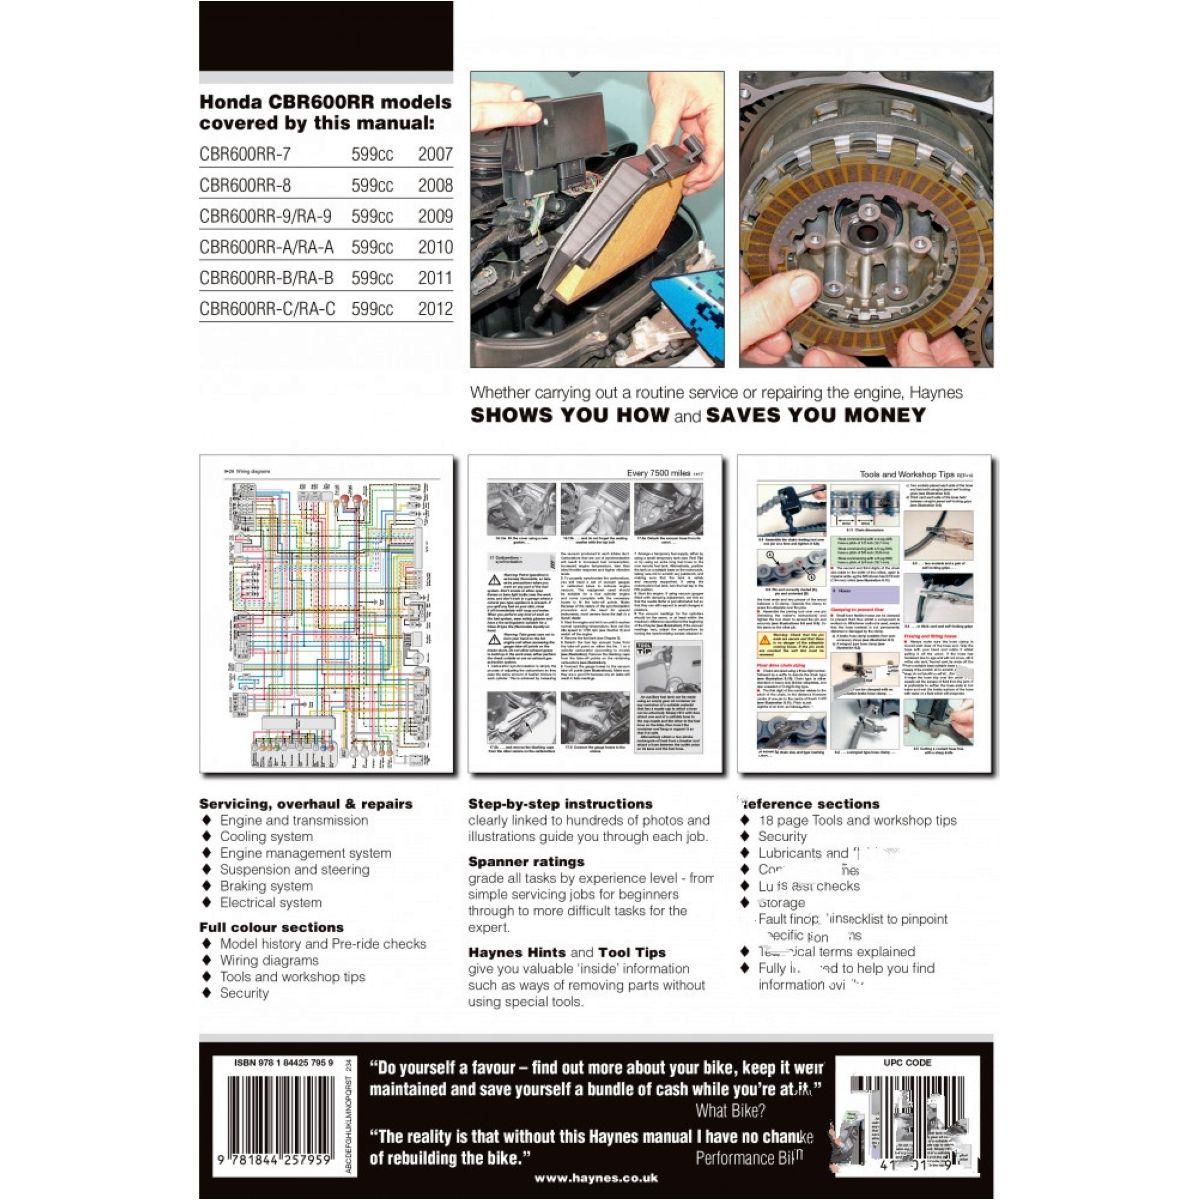 Reparatur Anleitung Honda 4795 Fr 4116 Eur Wiring Diagram Yamaha Fino